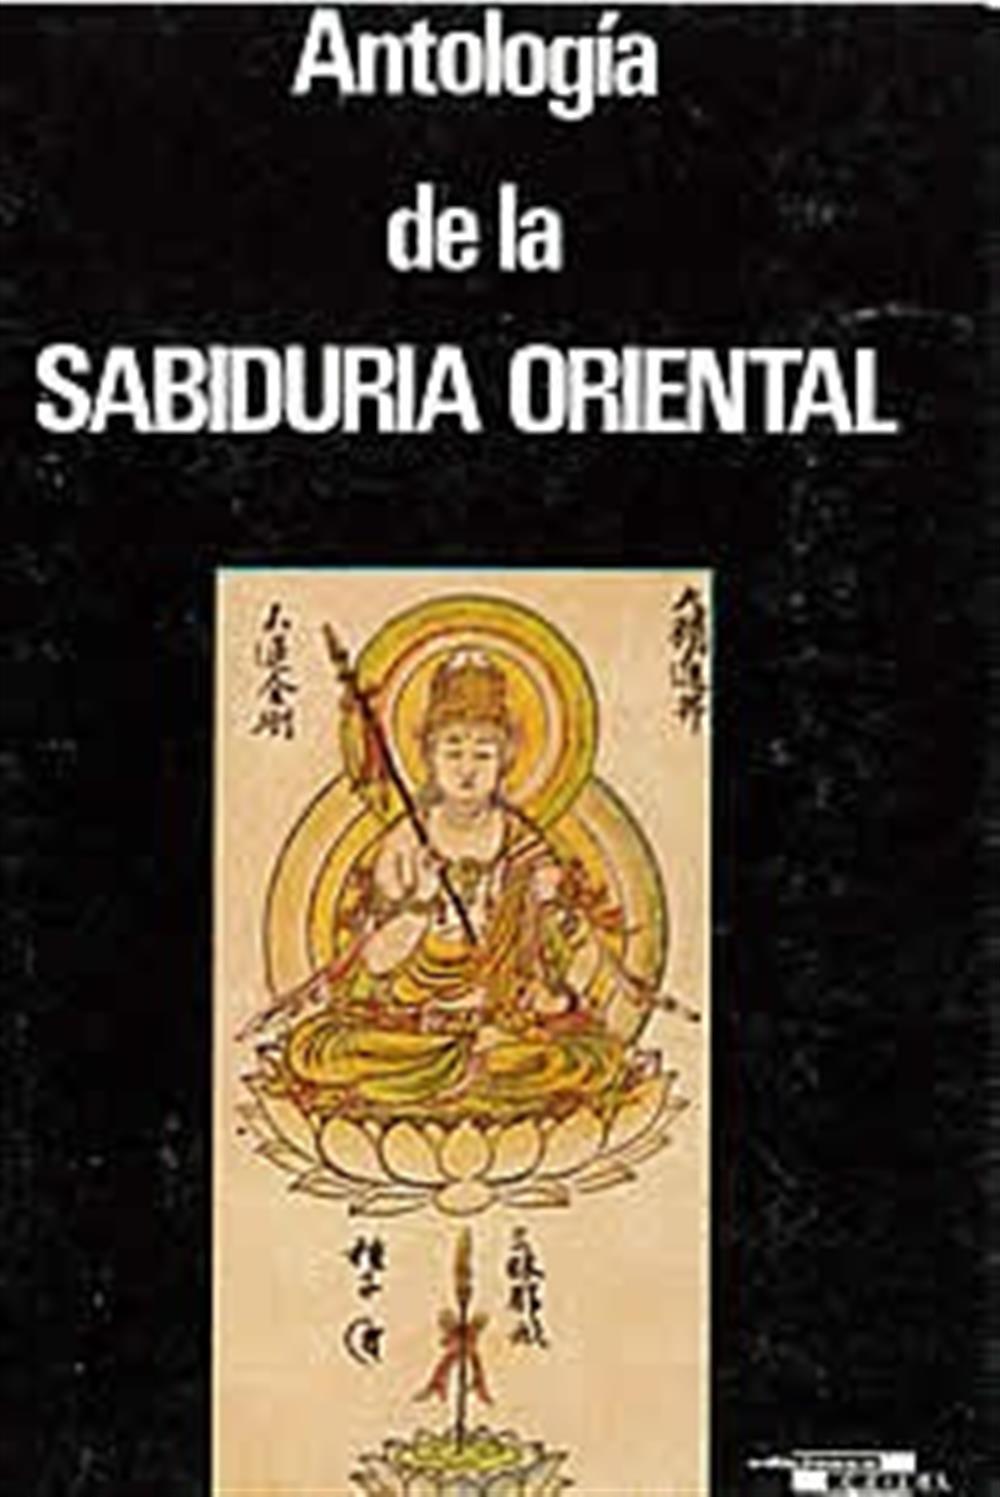 Antología de la sabiduría oriental